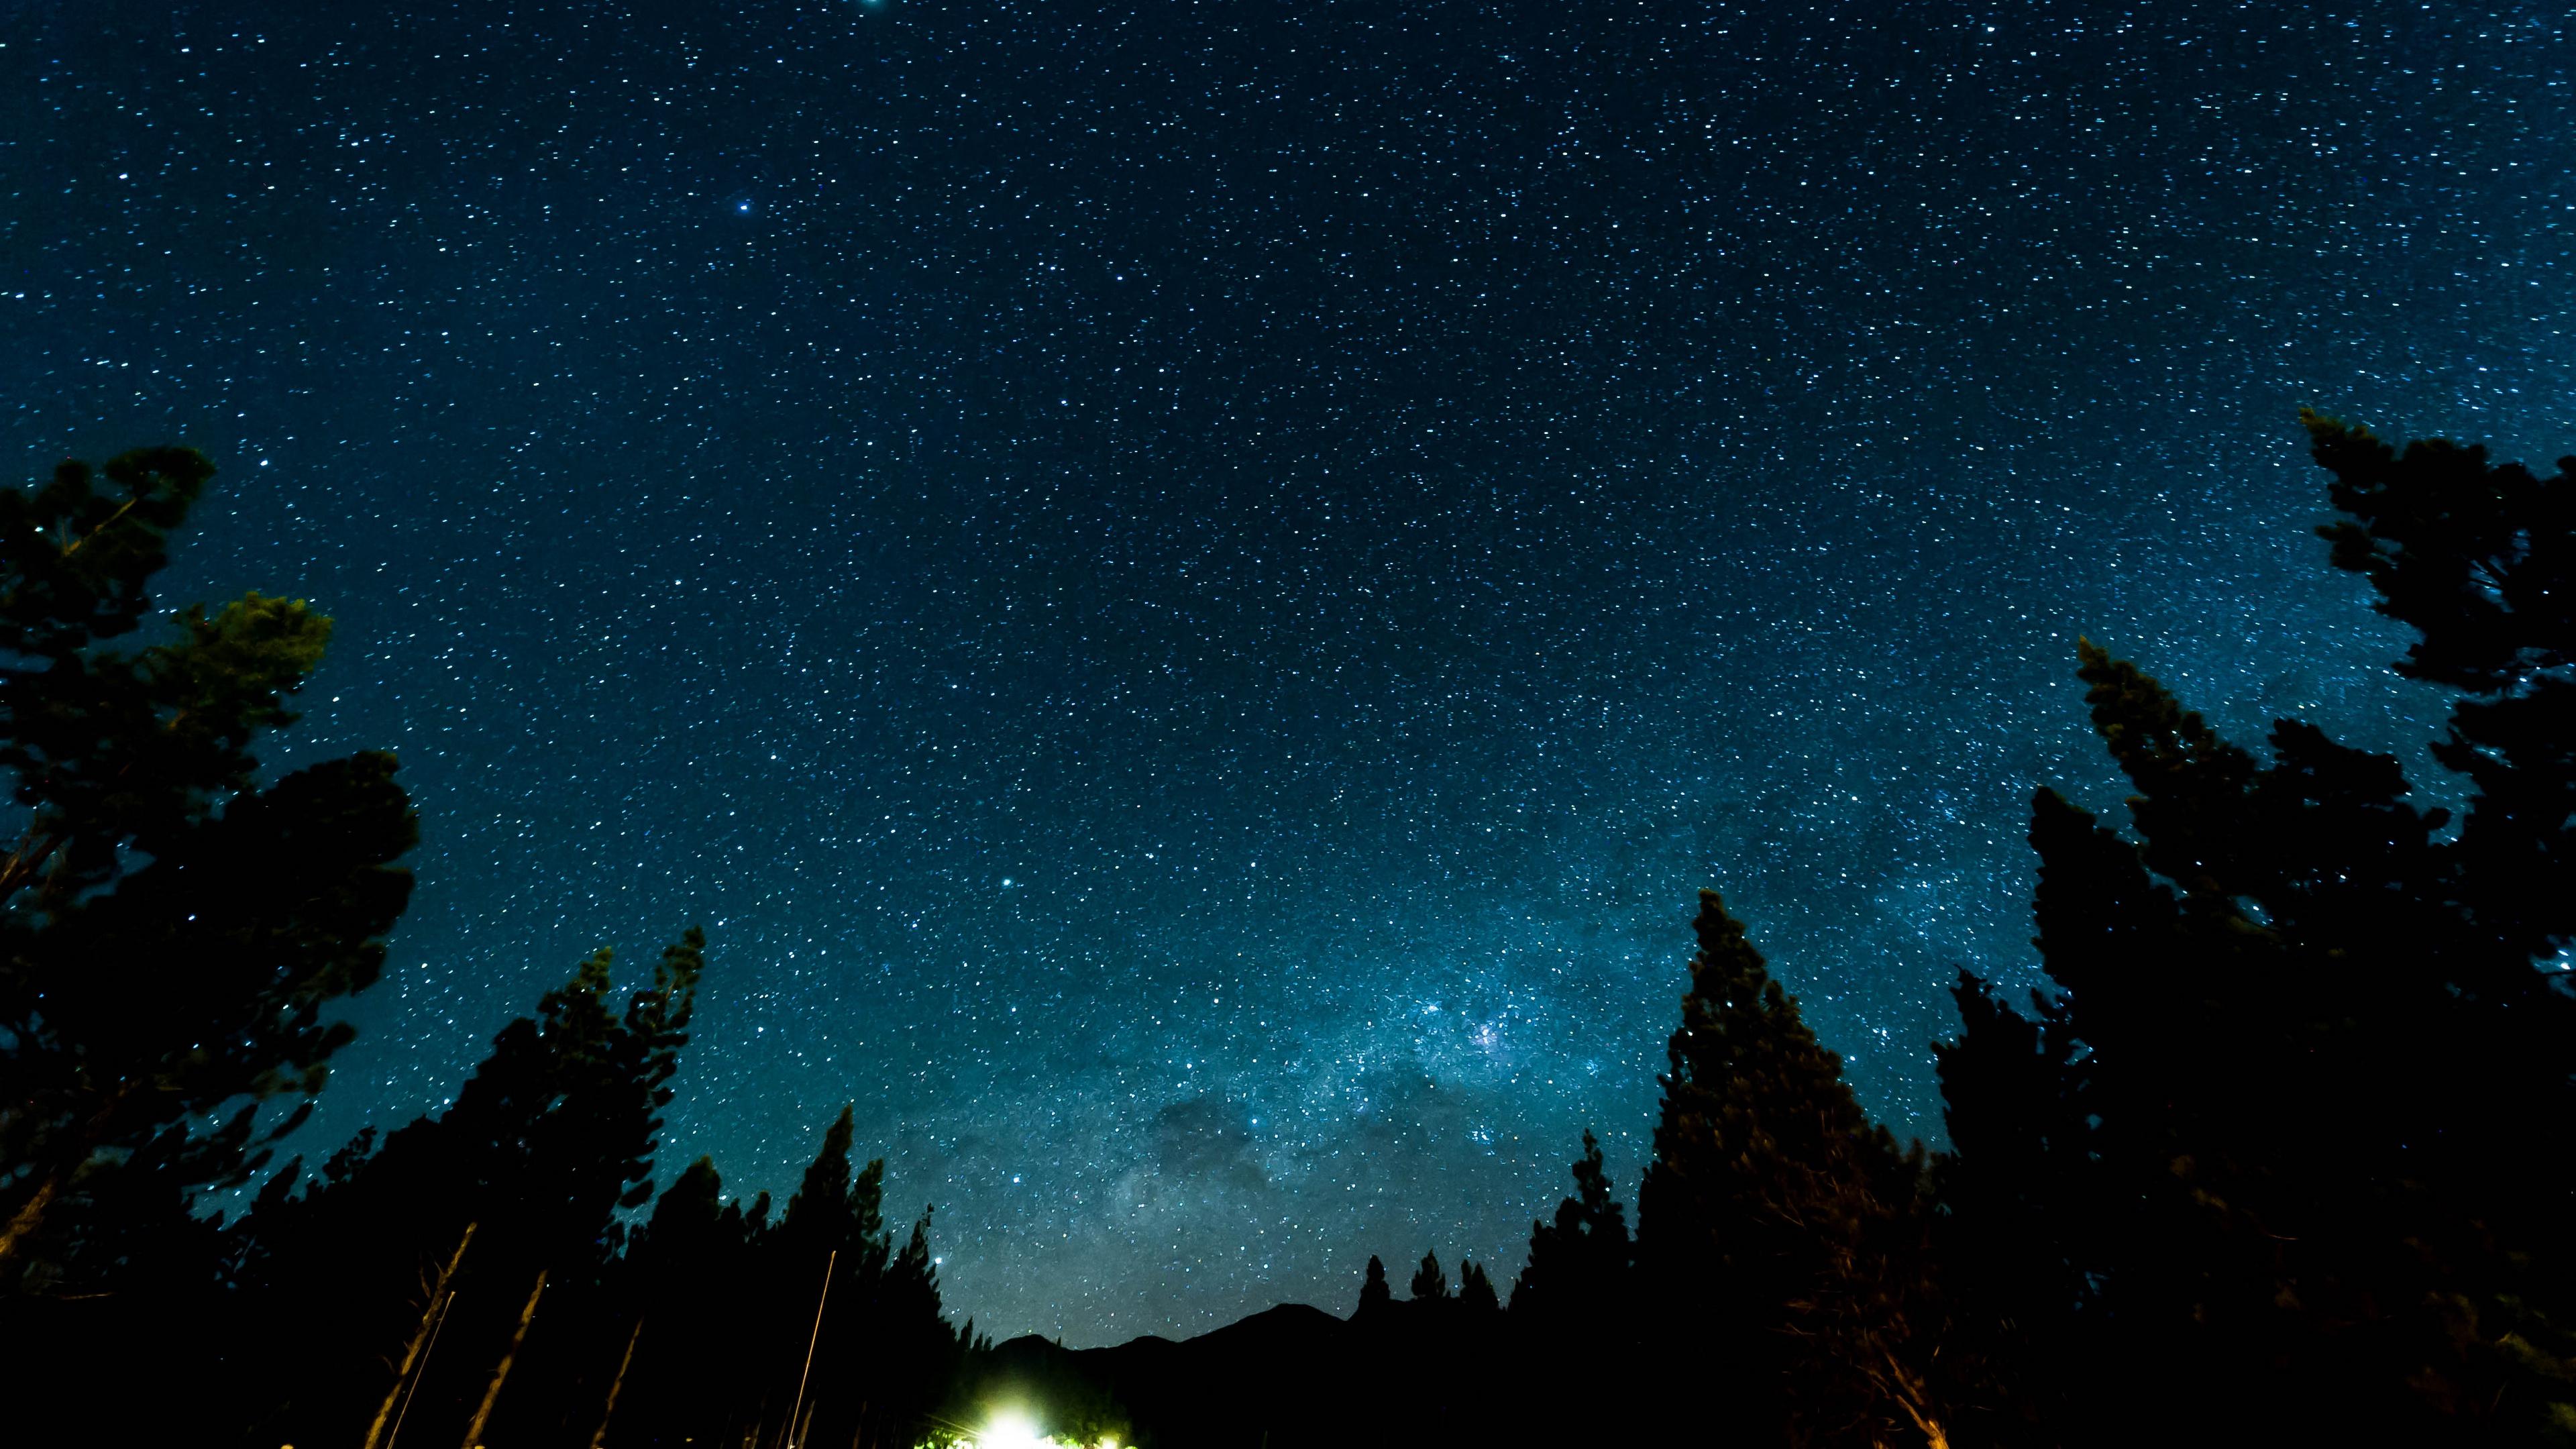 starry sky night stars forest nebula 4k 1540575372 - starry sky, night, stars, forest, nebula 4k - Stars, starry sky, Night